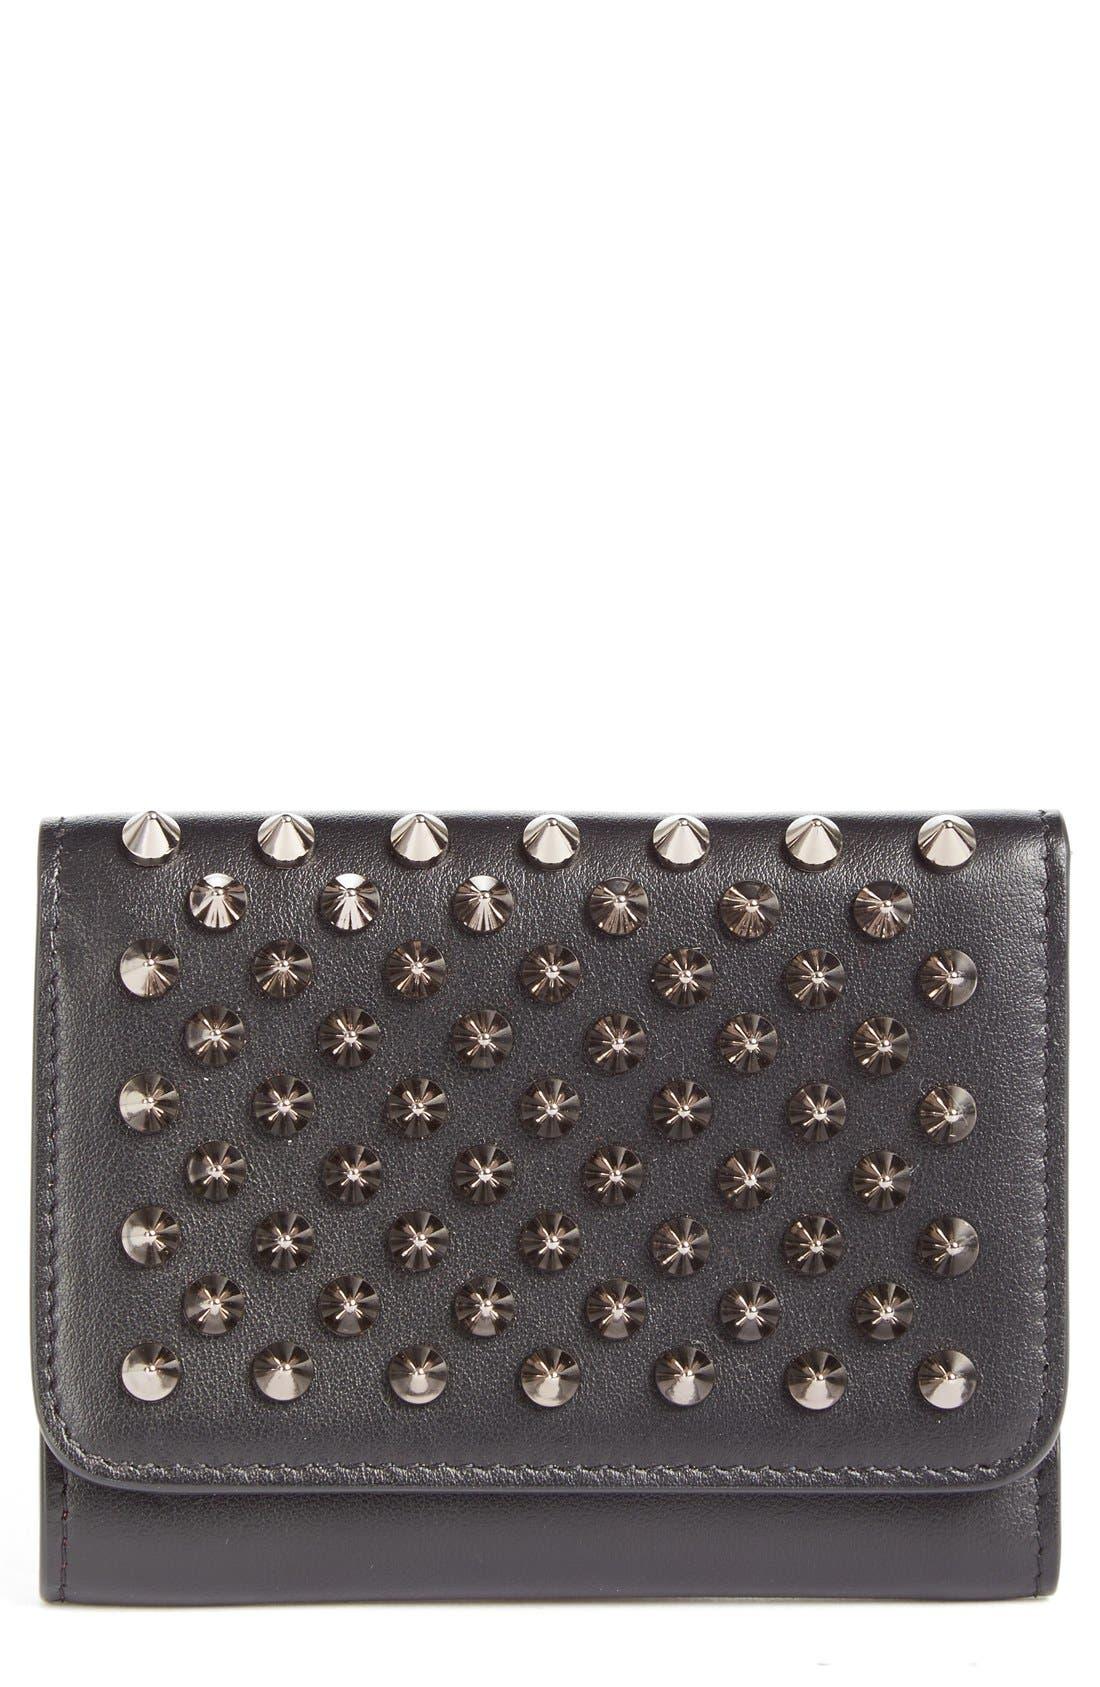 Christian Louboutin Macaron Leather French Wallet